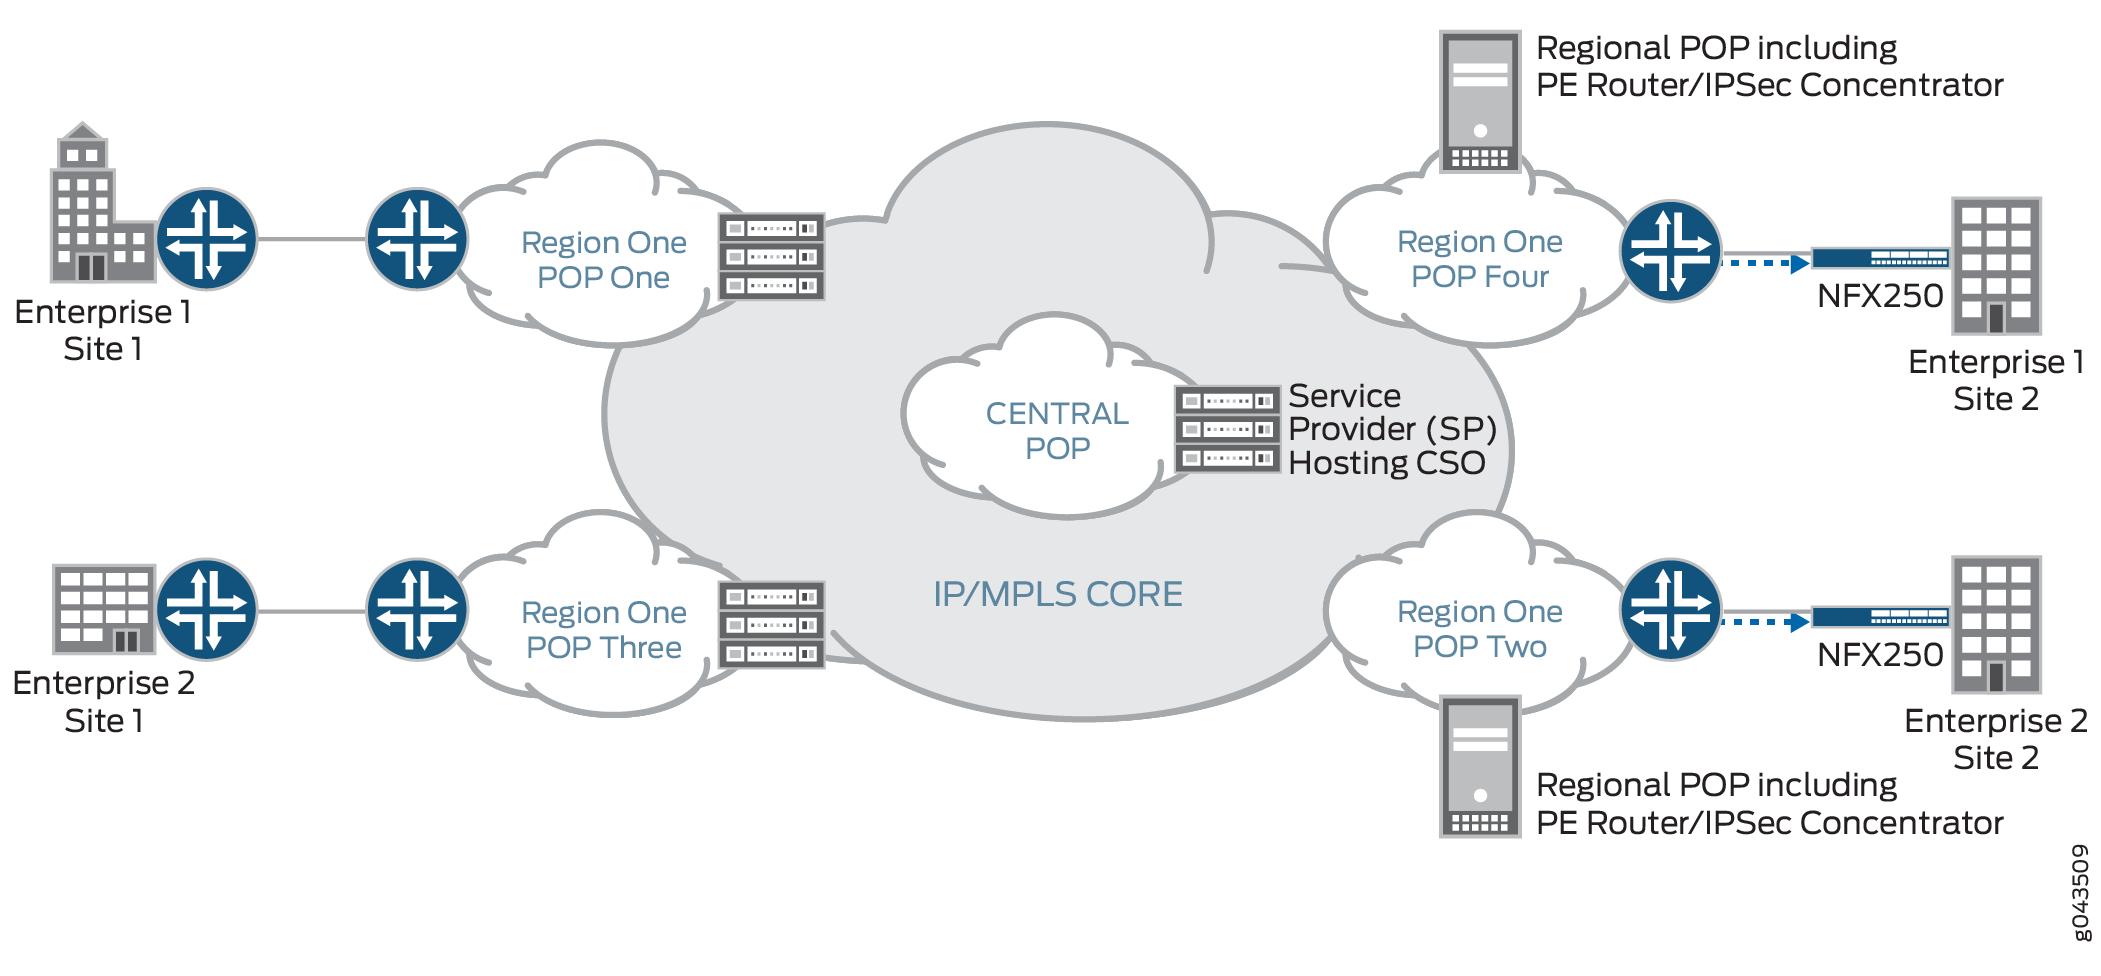 25 Good Enterprise Network Topology Diagrams Technique Bookingritzcarlton Info Cloud Infrastructure Public Network Computer Security